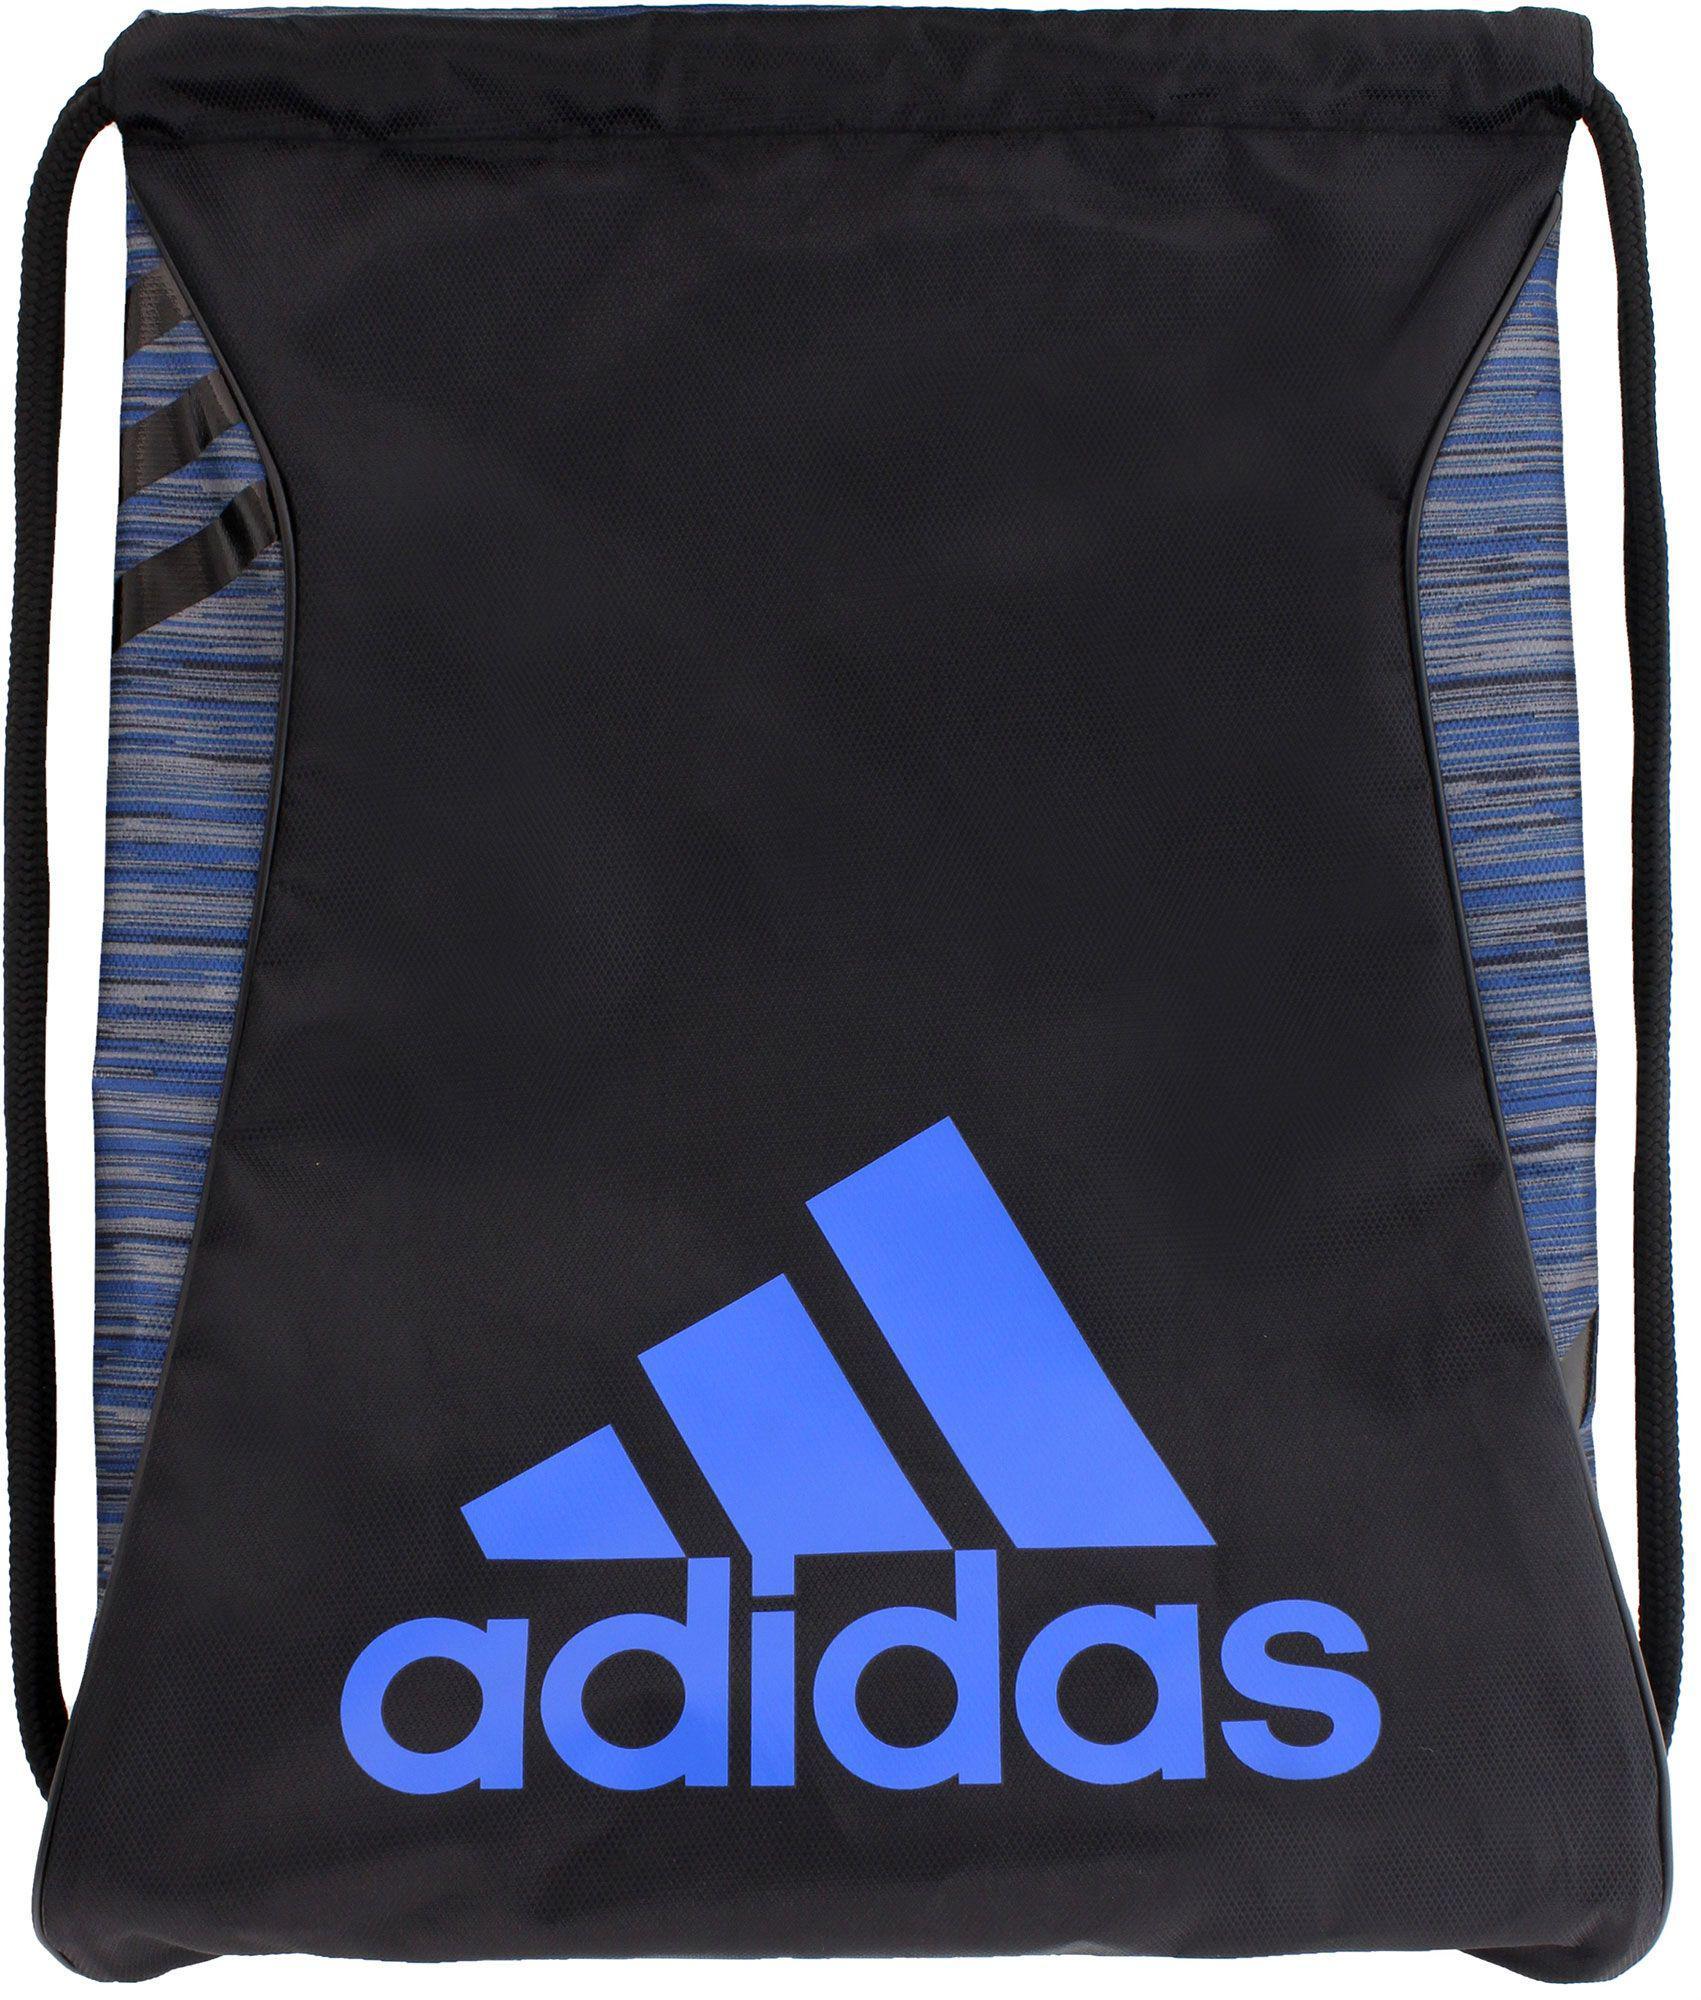 b376486ba9 Lyst - Adidas Urst Sackpack in Blue for Men